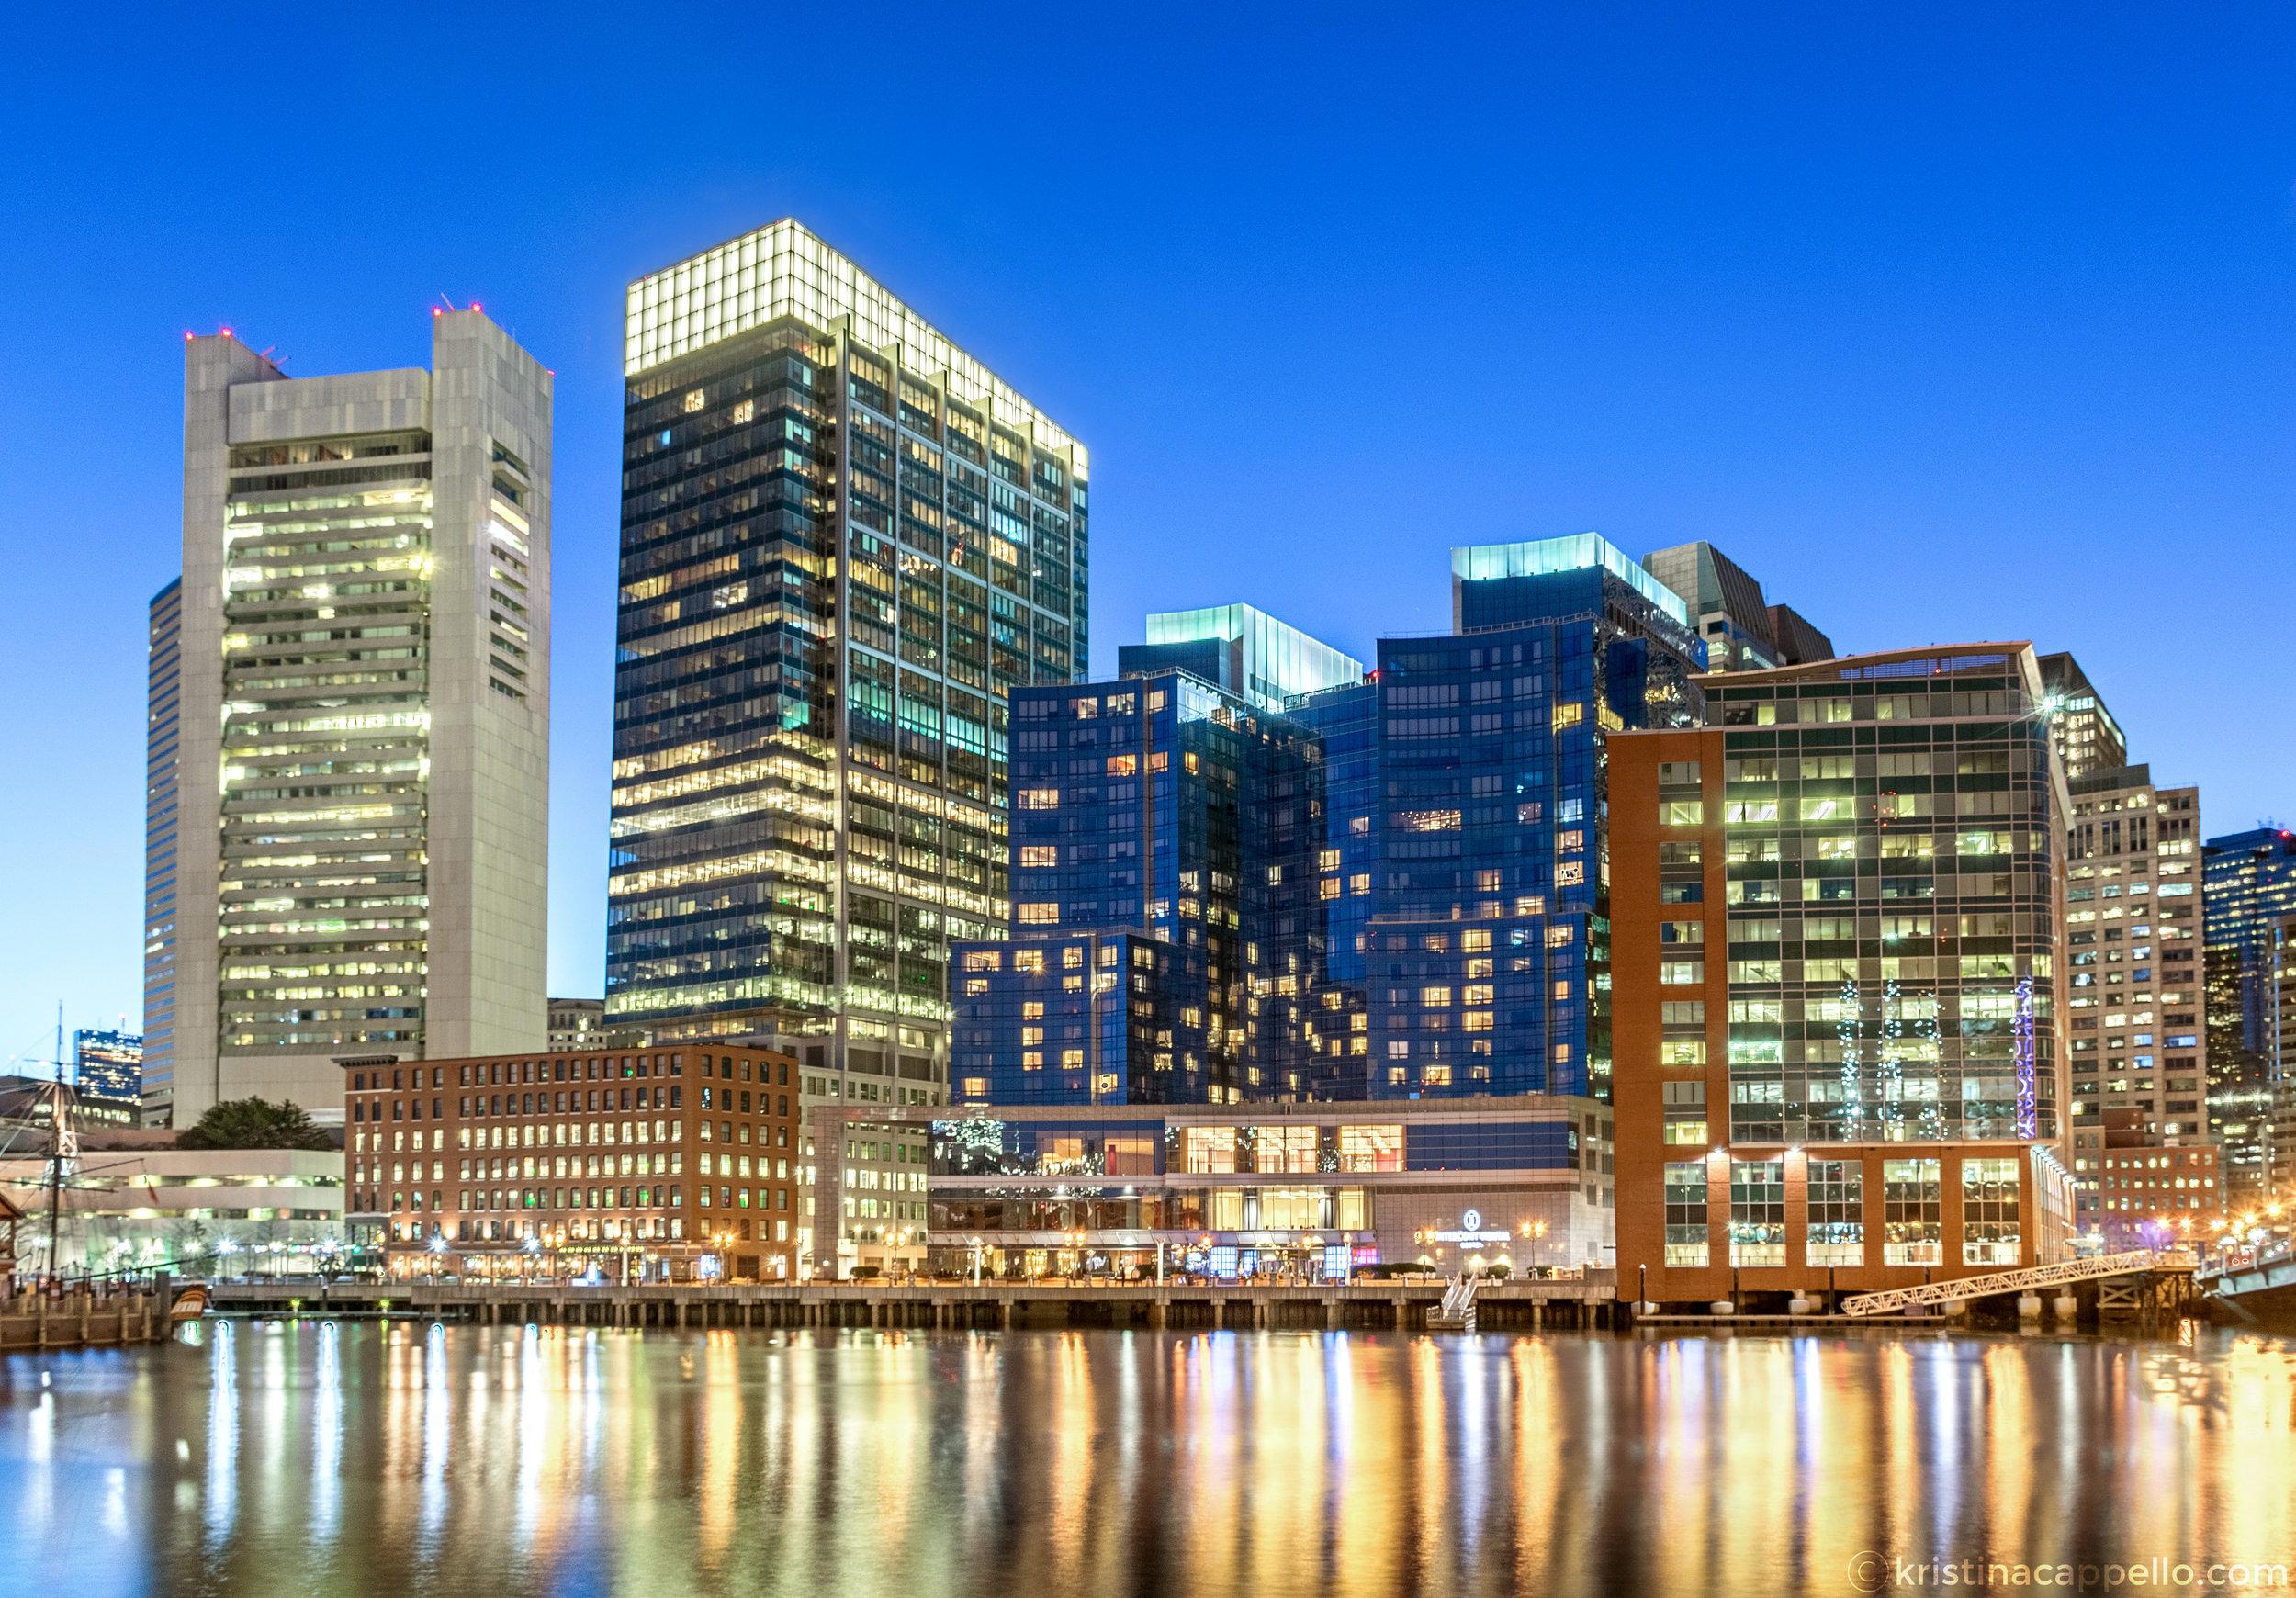 Seaport, Boston Massachusetts